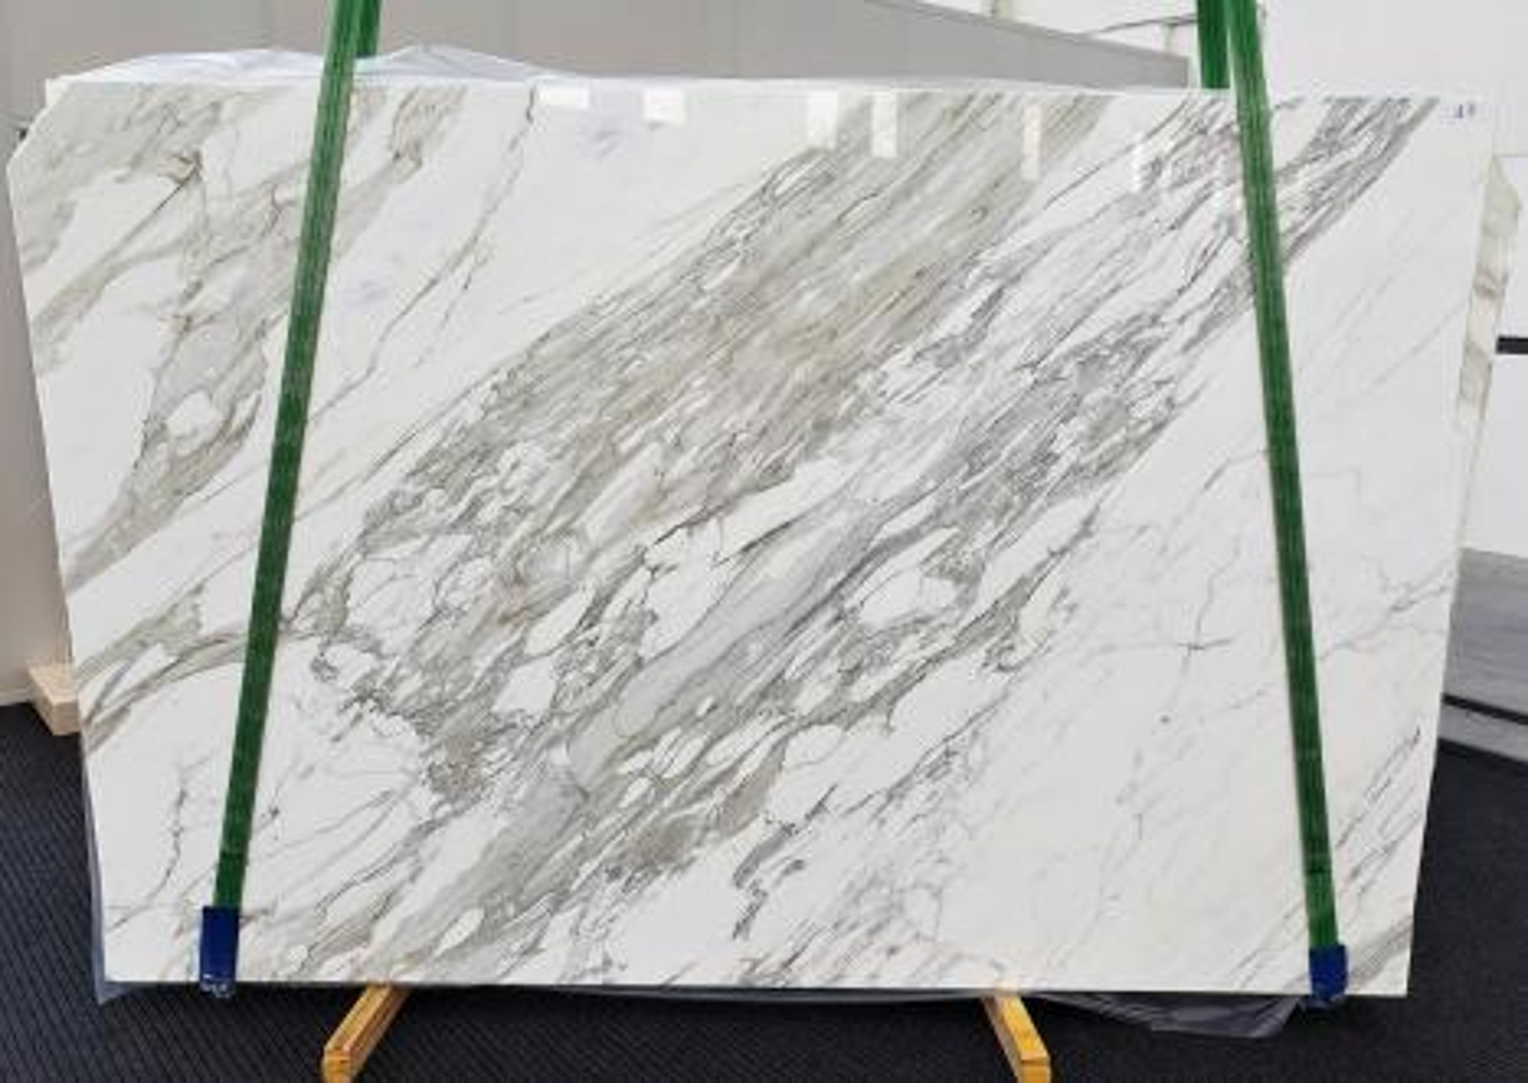 CALACATTA Suministro Veneto (Italia) de planchas pulidas en mármol natural 1344 , C - slab #17